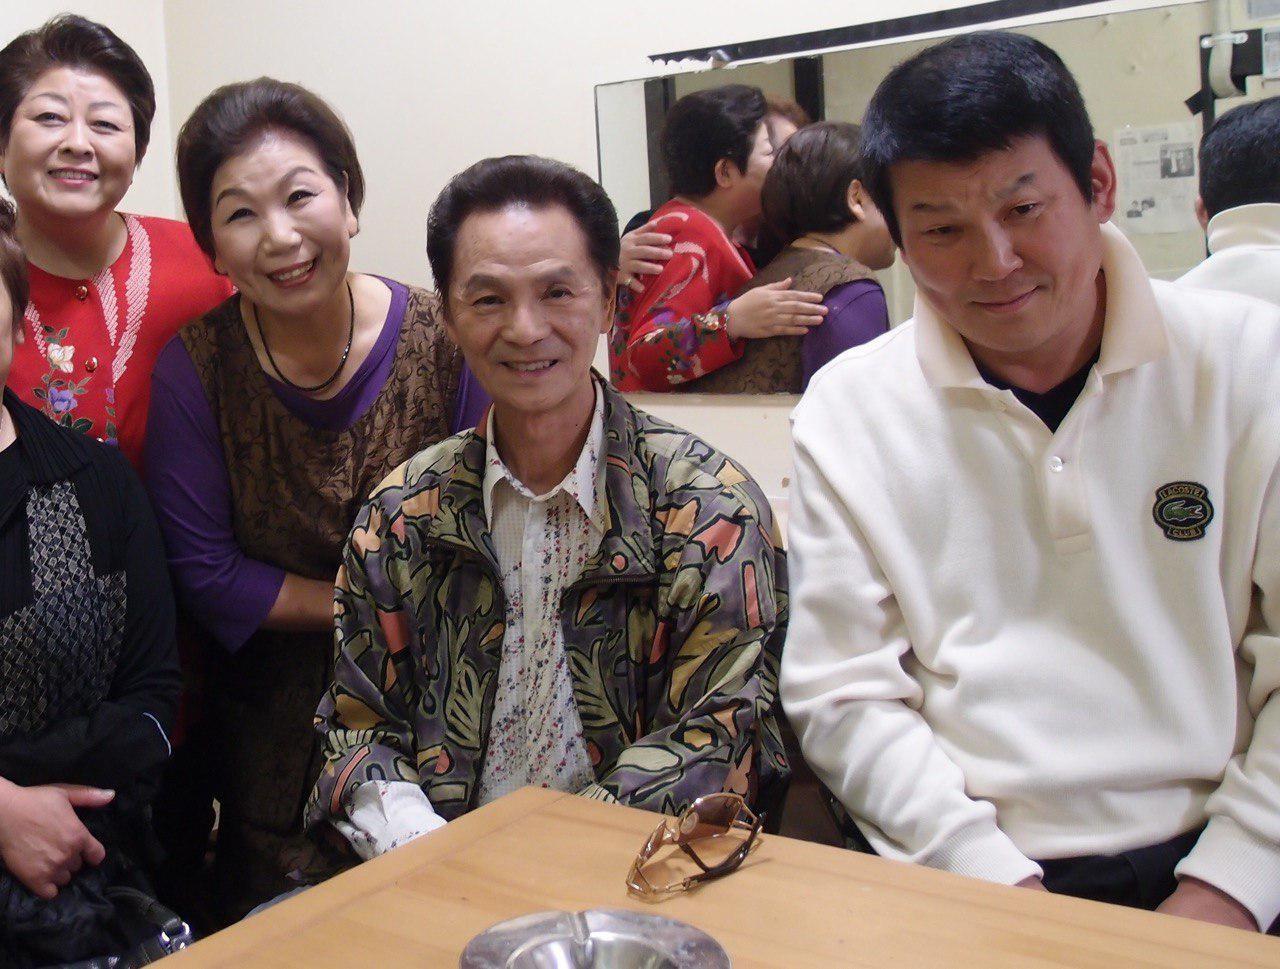 東京の浪曲の定席、木馬亭の楽屋で。 右からイエス・玉川さん(面白い人で、シャッター押すたびに、顔をあらぬ方向に向けるんです)宮川左近ショーの暁照夫さん、さっちゃんねえさん、天中軒雲月さん。